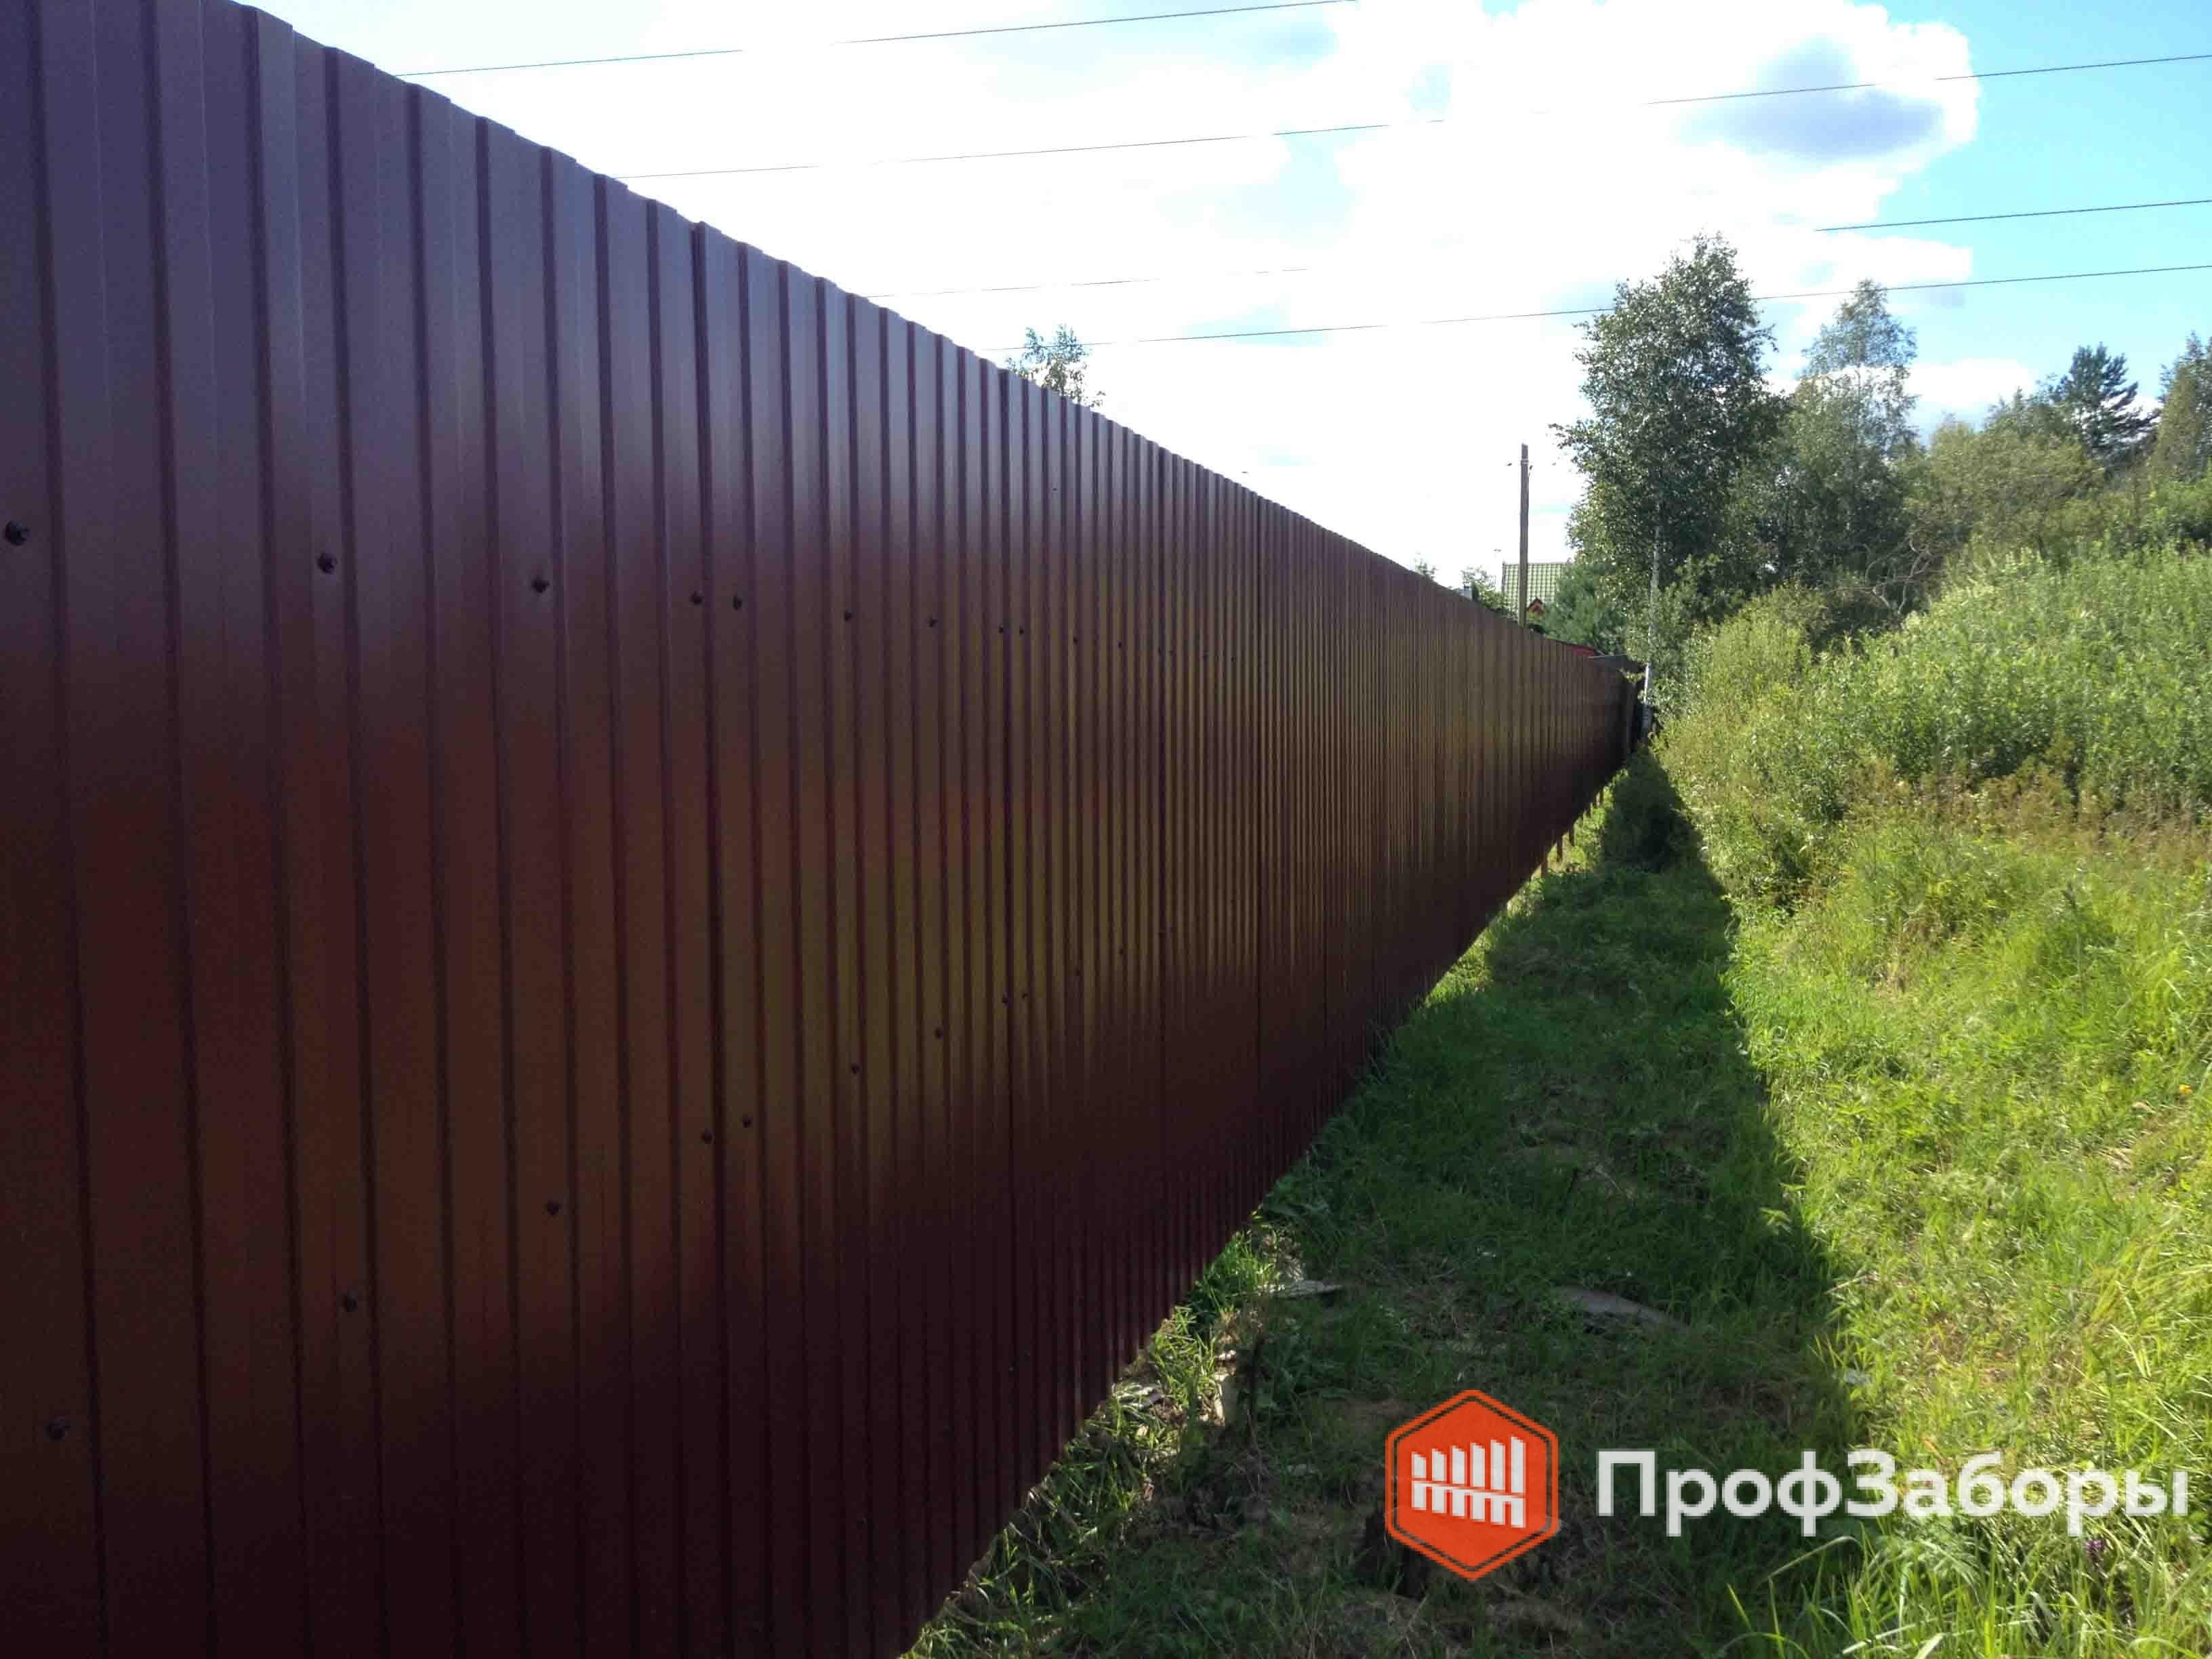 Заборы Из профнастила  - Волоколамский район. Фото 2